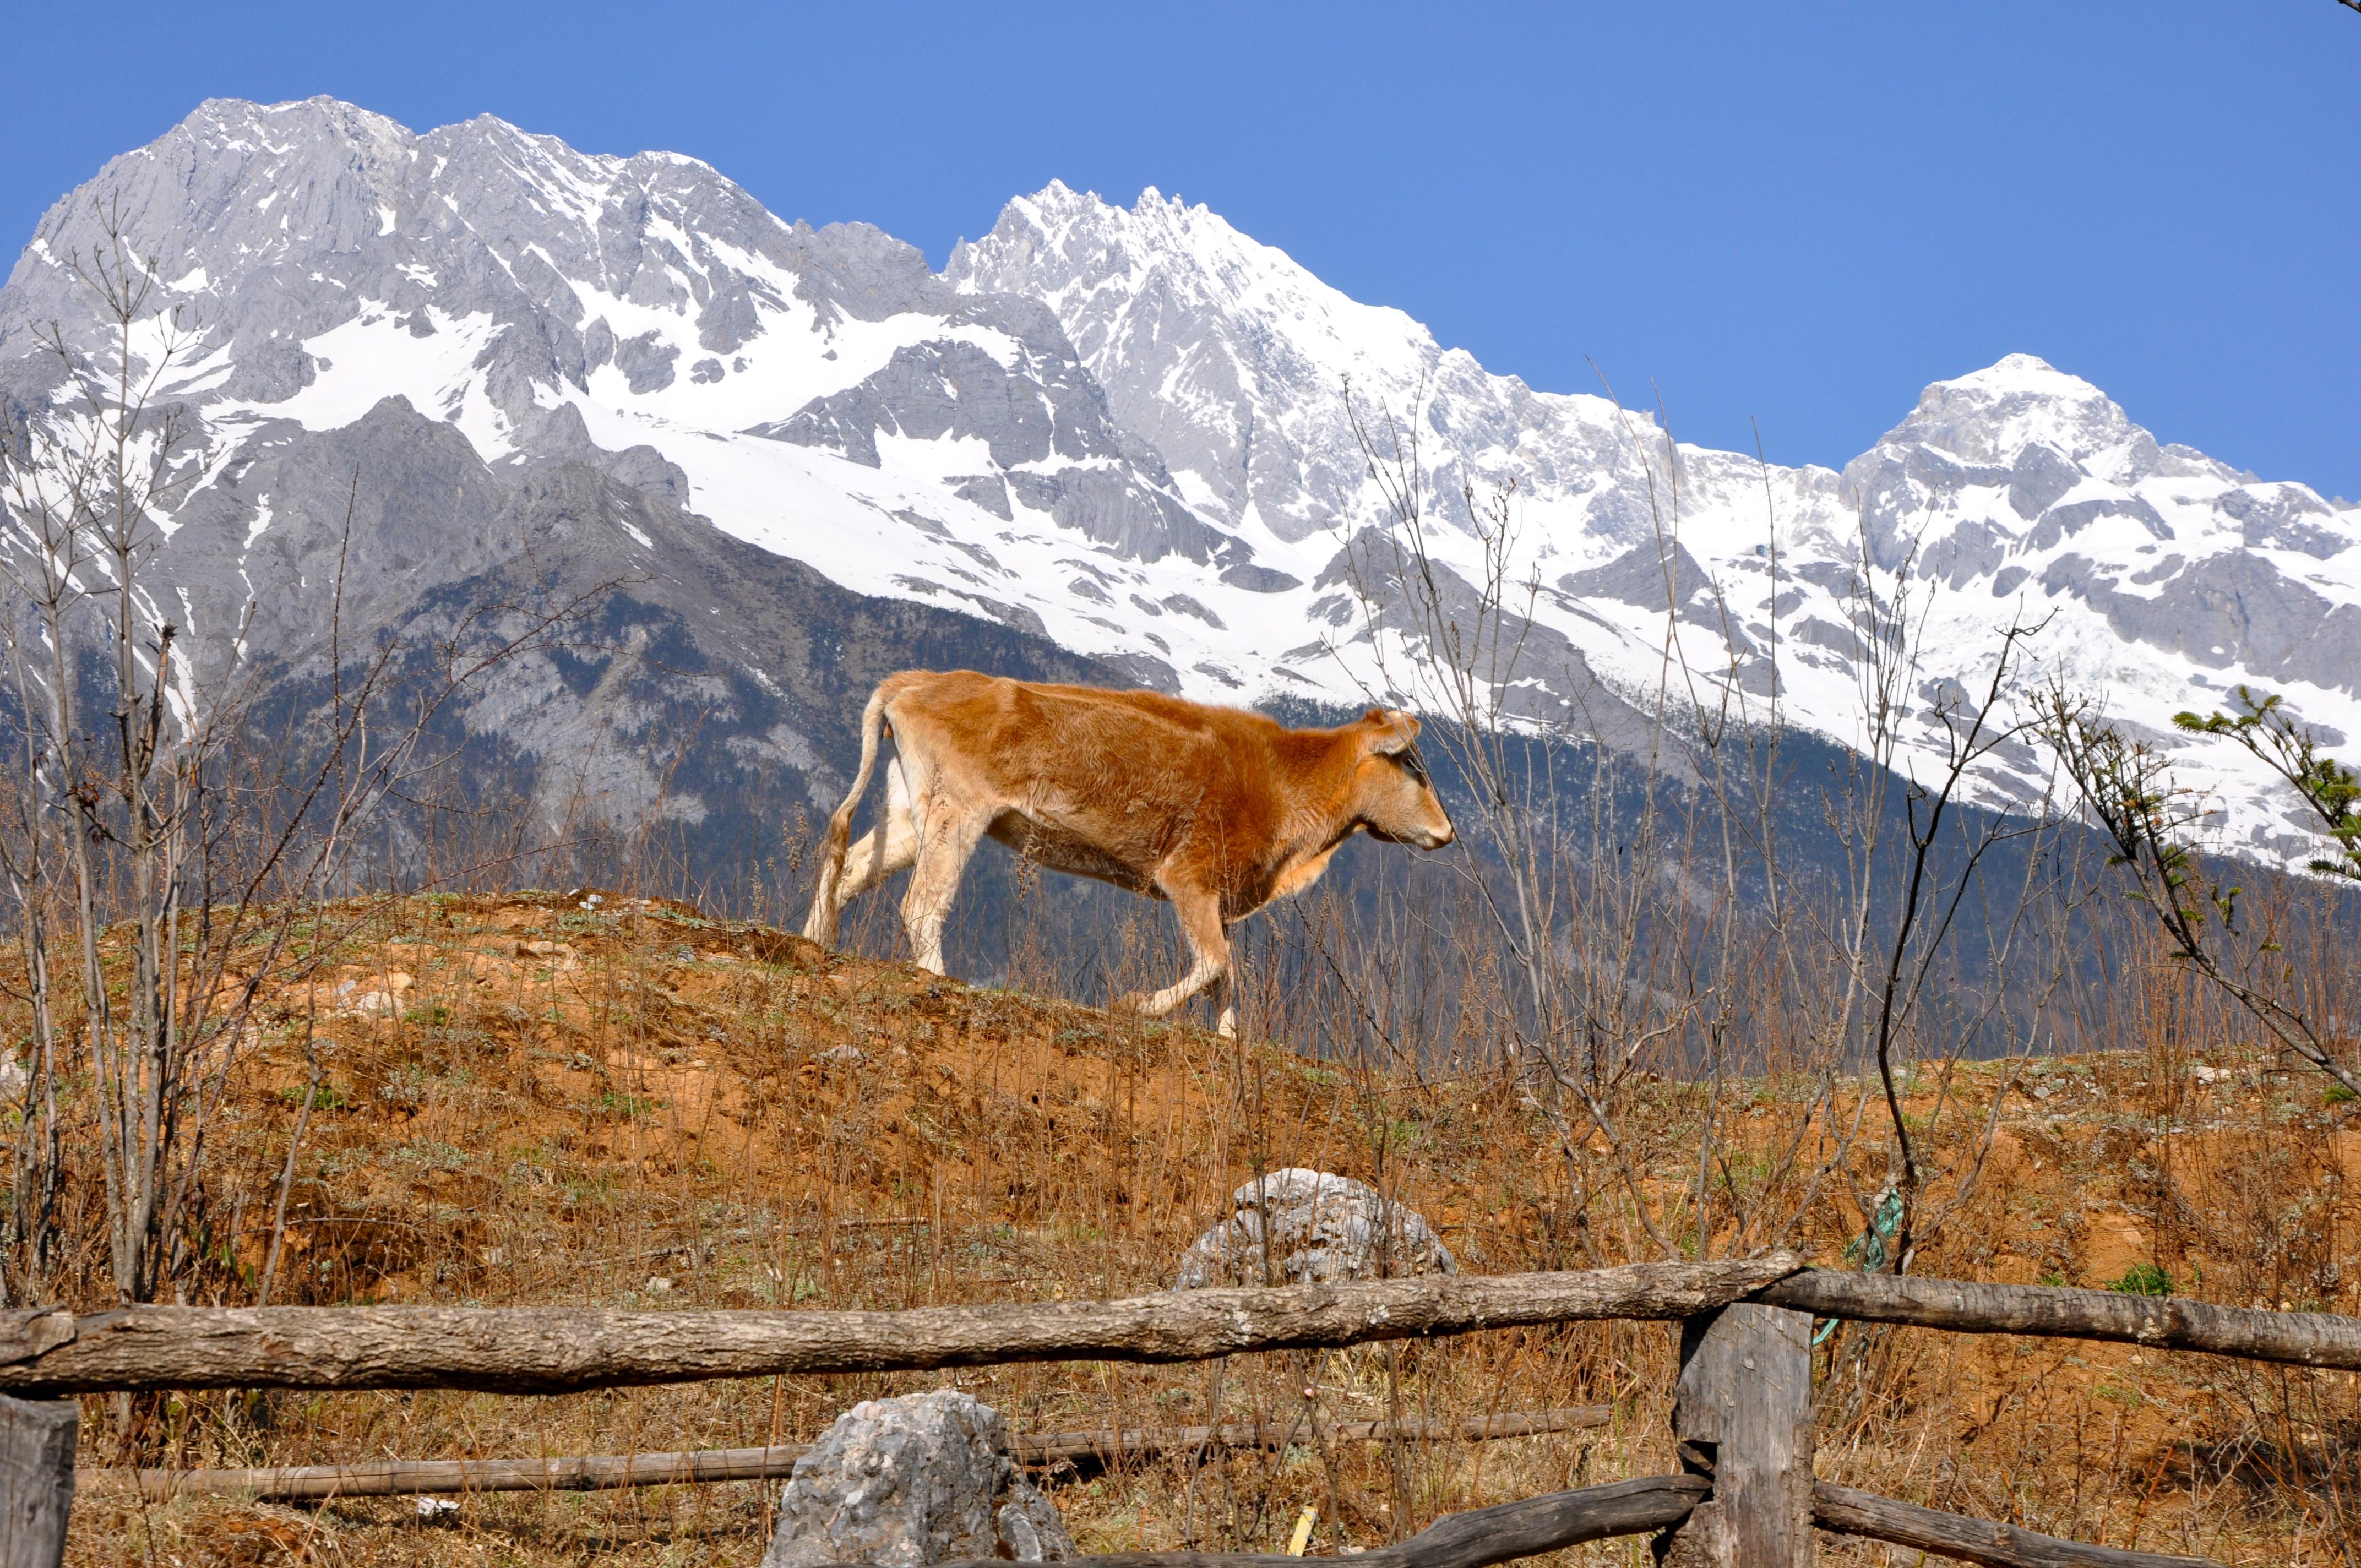 Lijiang e as Montanhas Nevadas do Tigre de Jade